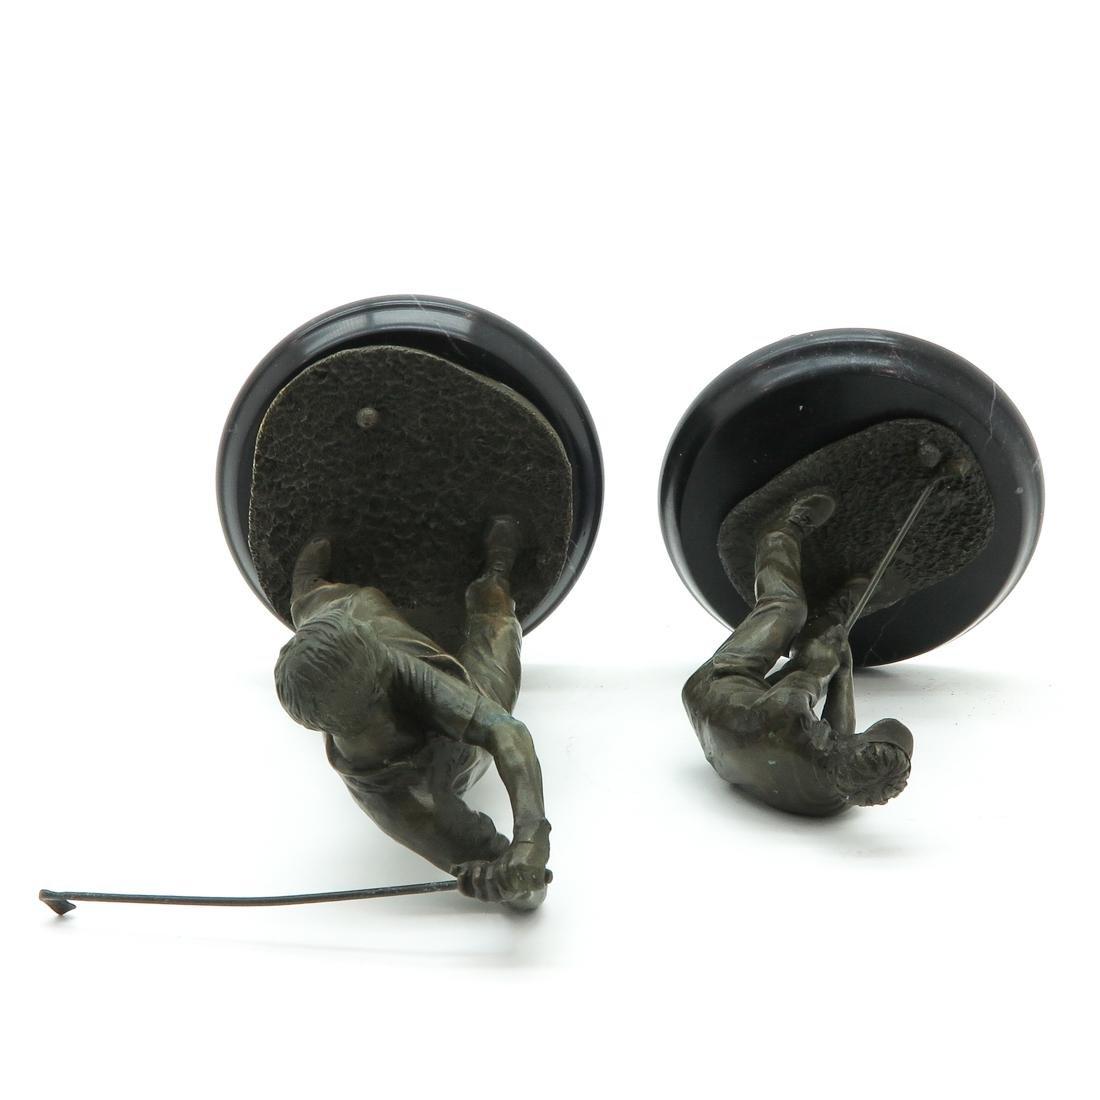 Lot of 2 Bronze Sculptures Depicting Golfers - 5